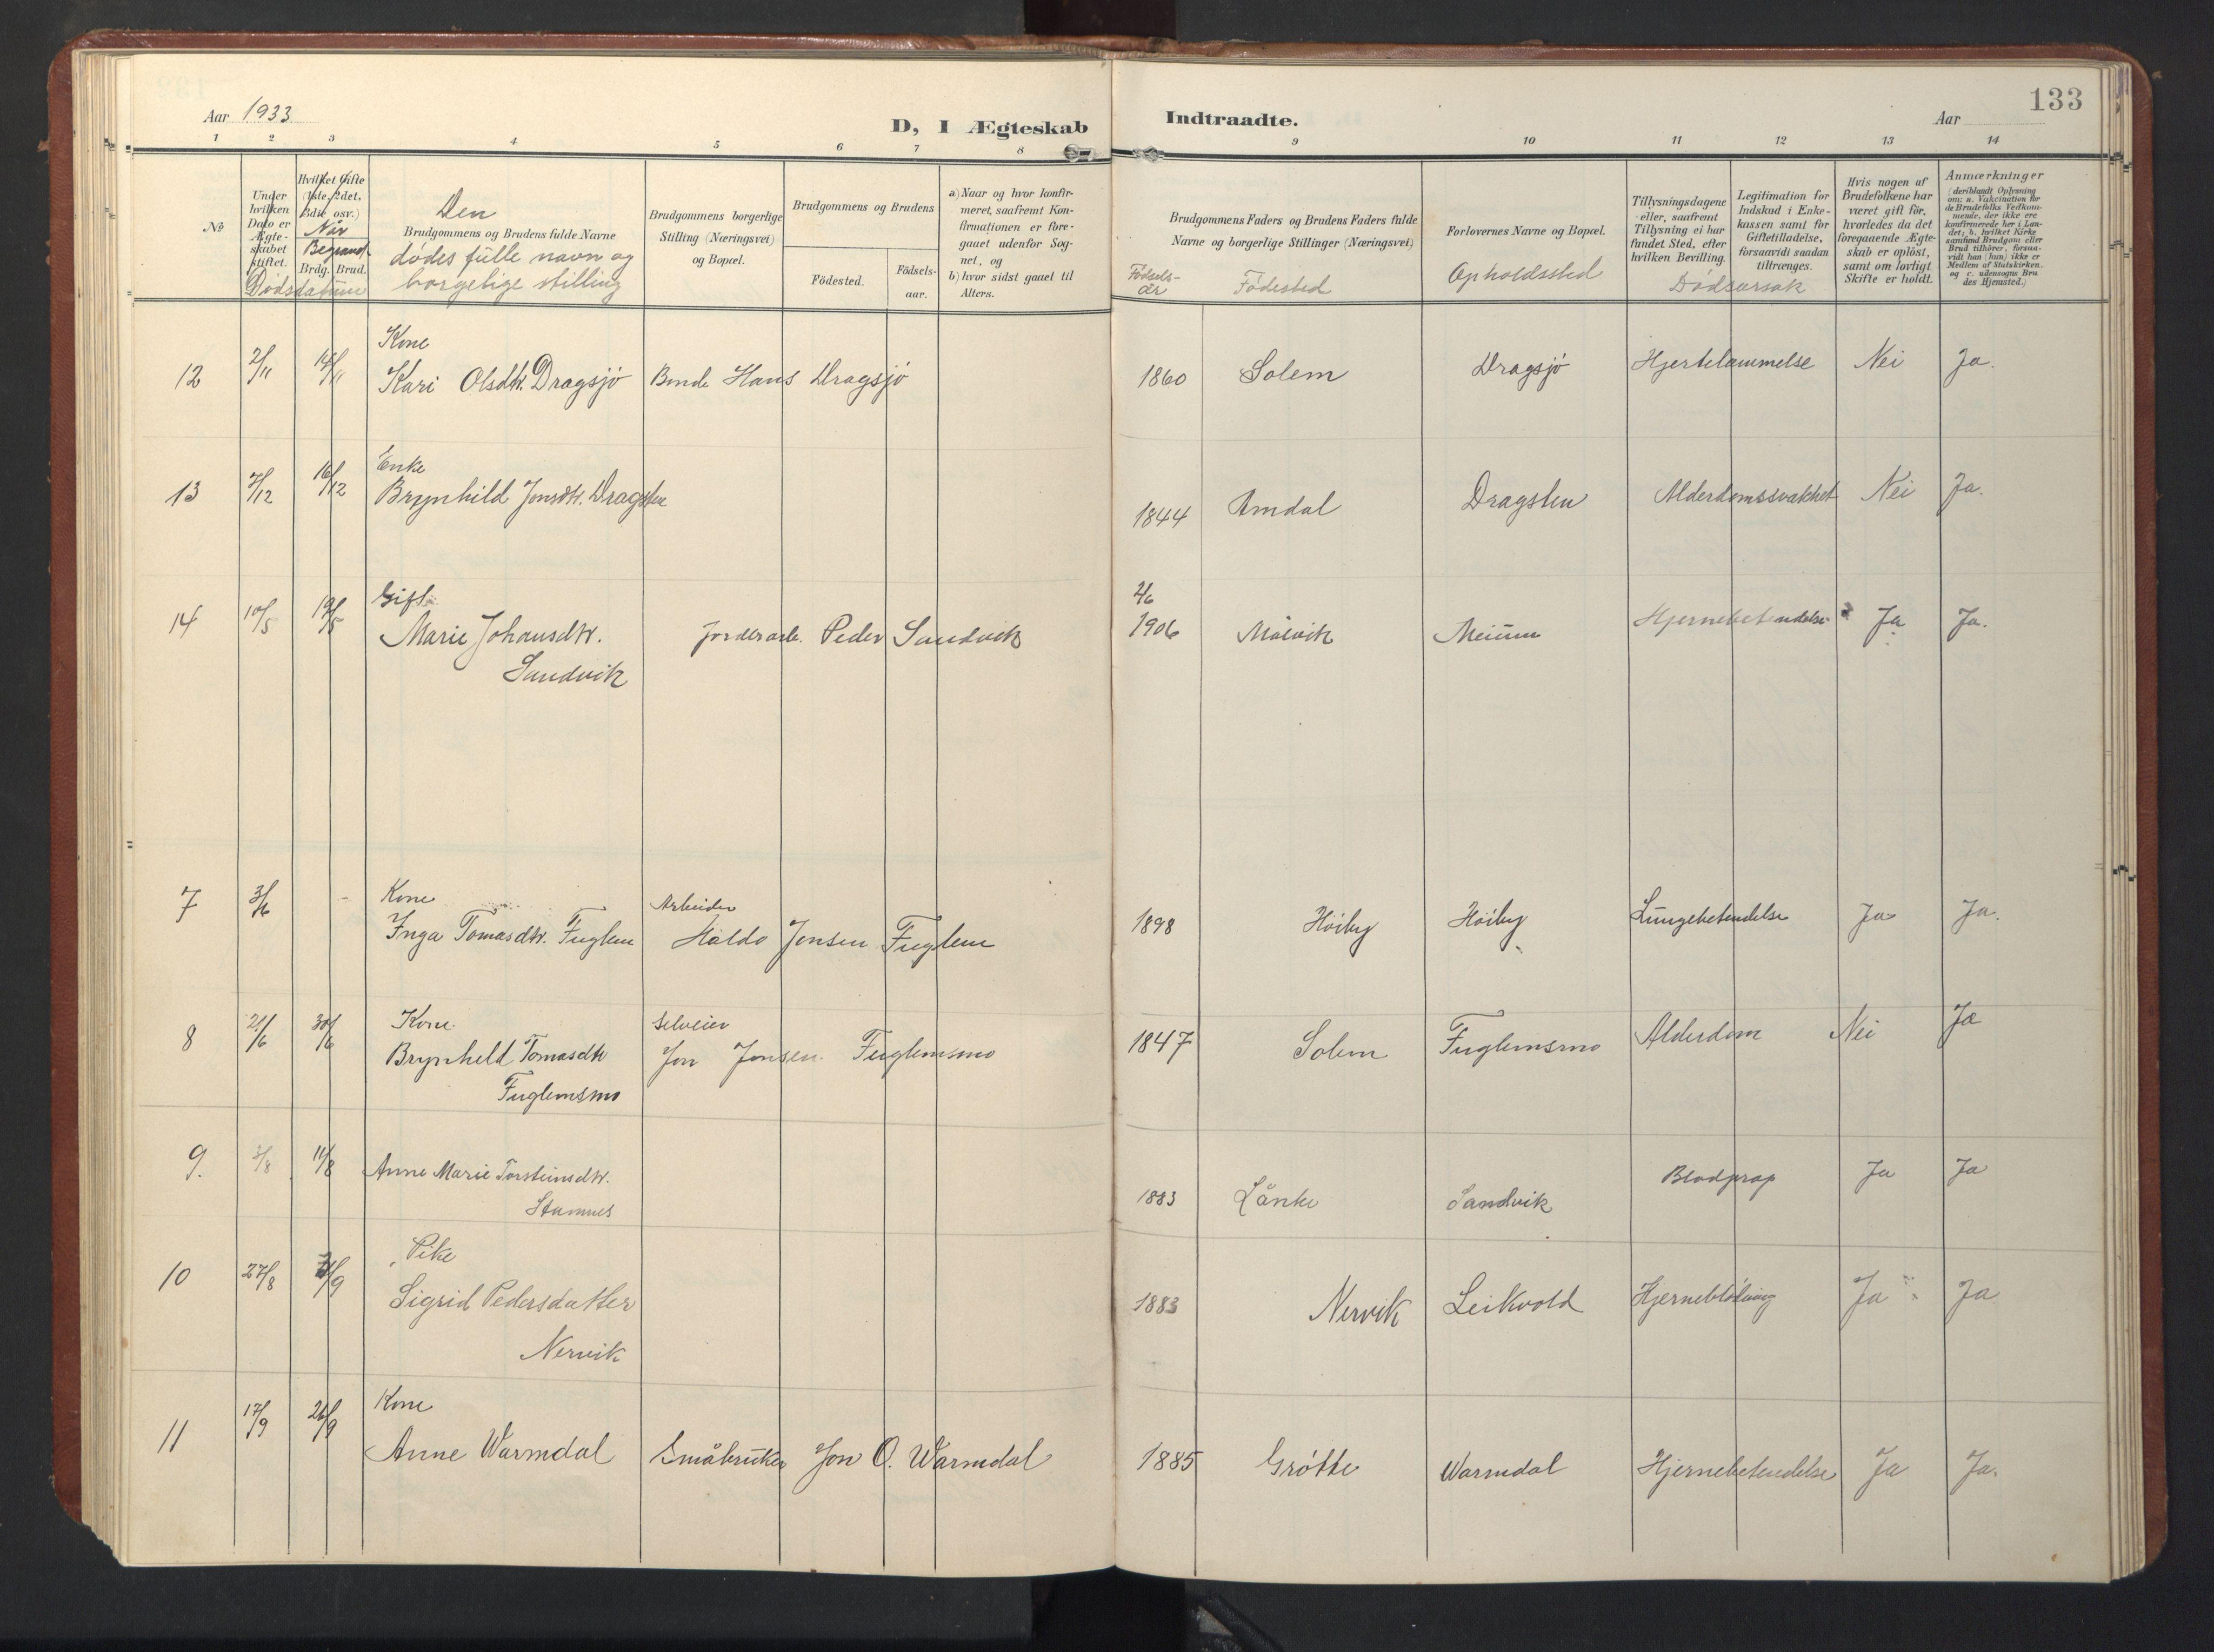 SAT, Ministerialprotokoller, klokkerbøker og fødselsregistre - Sør-Trøndelag, 696/L1161: Klokkerbok nr. 696C01, 1902-1950, s. 133